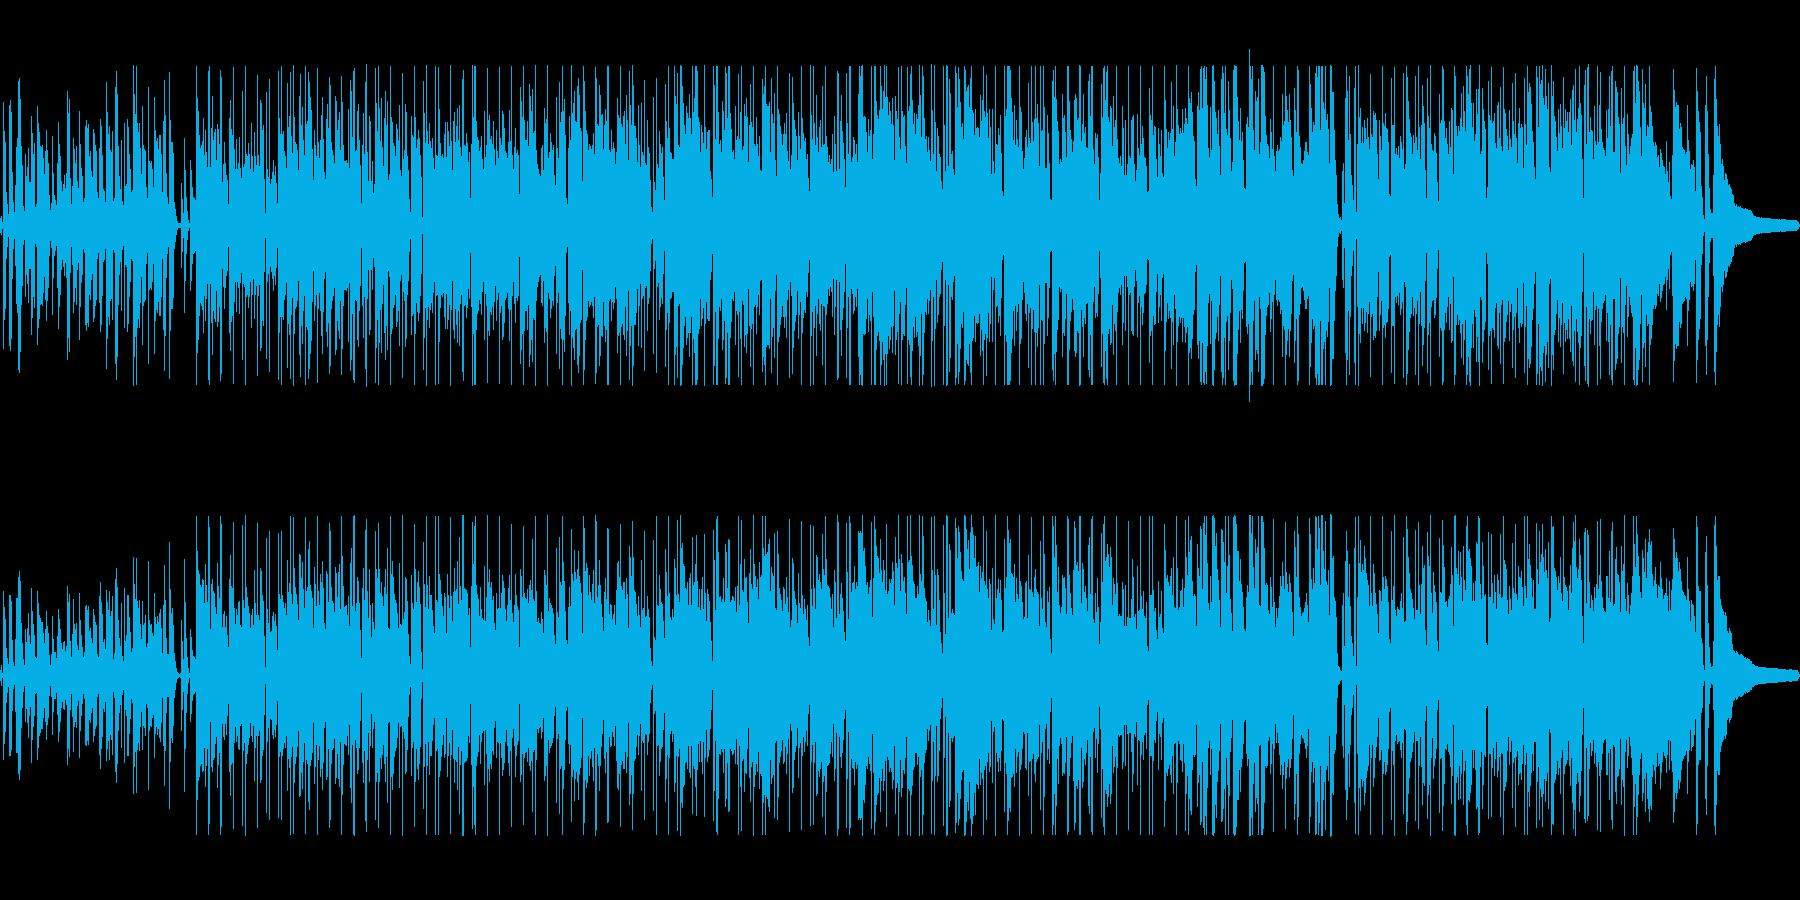 雰囲気のいいピアノポップスの再生済みの波形